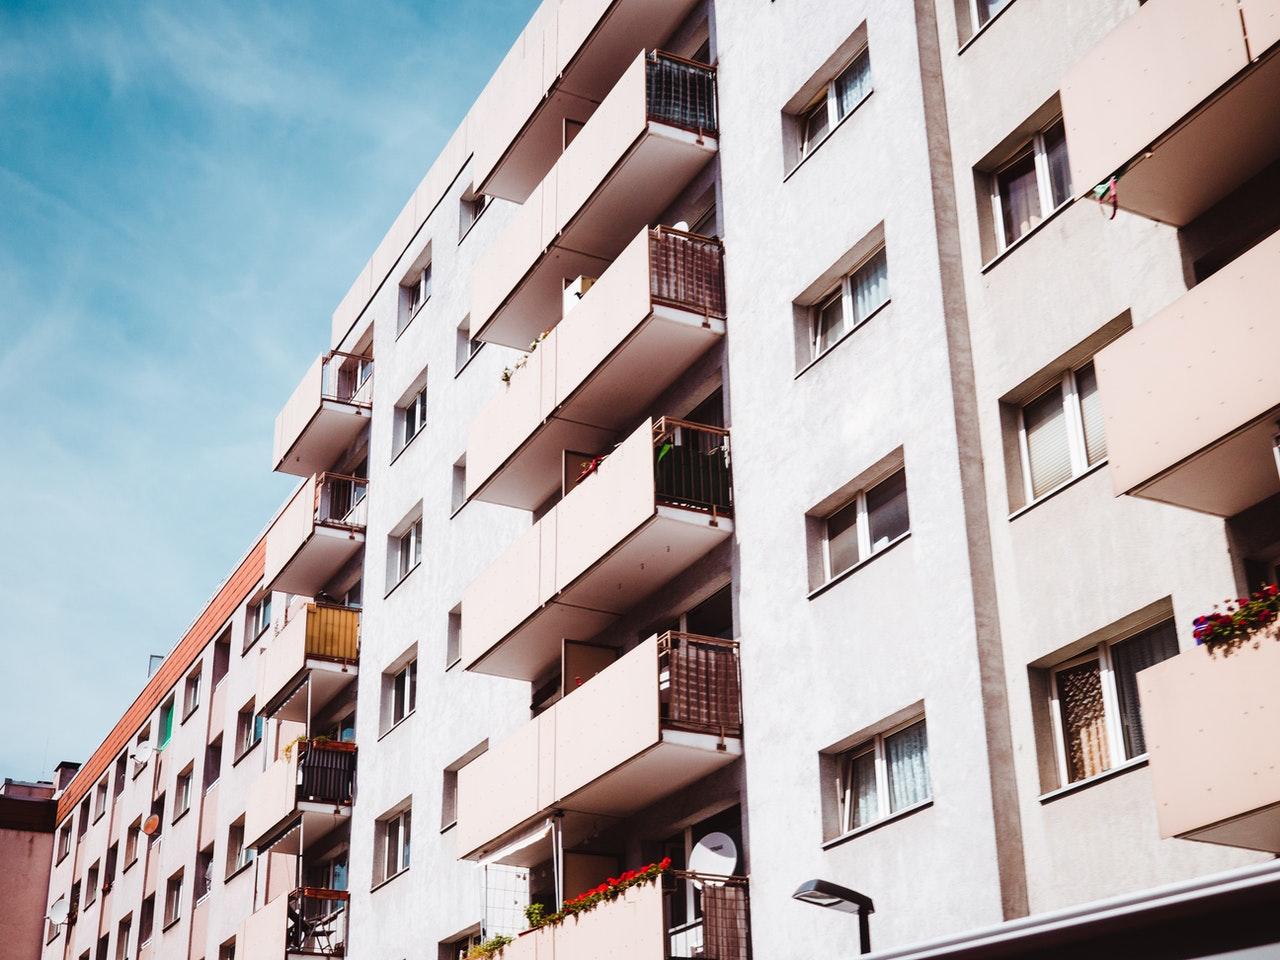 zdjęcie do W poniższym artykule wyjaśniamy, jak powinien wyglądać odbiór mieszkania na rynku wtórnym.